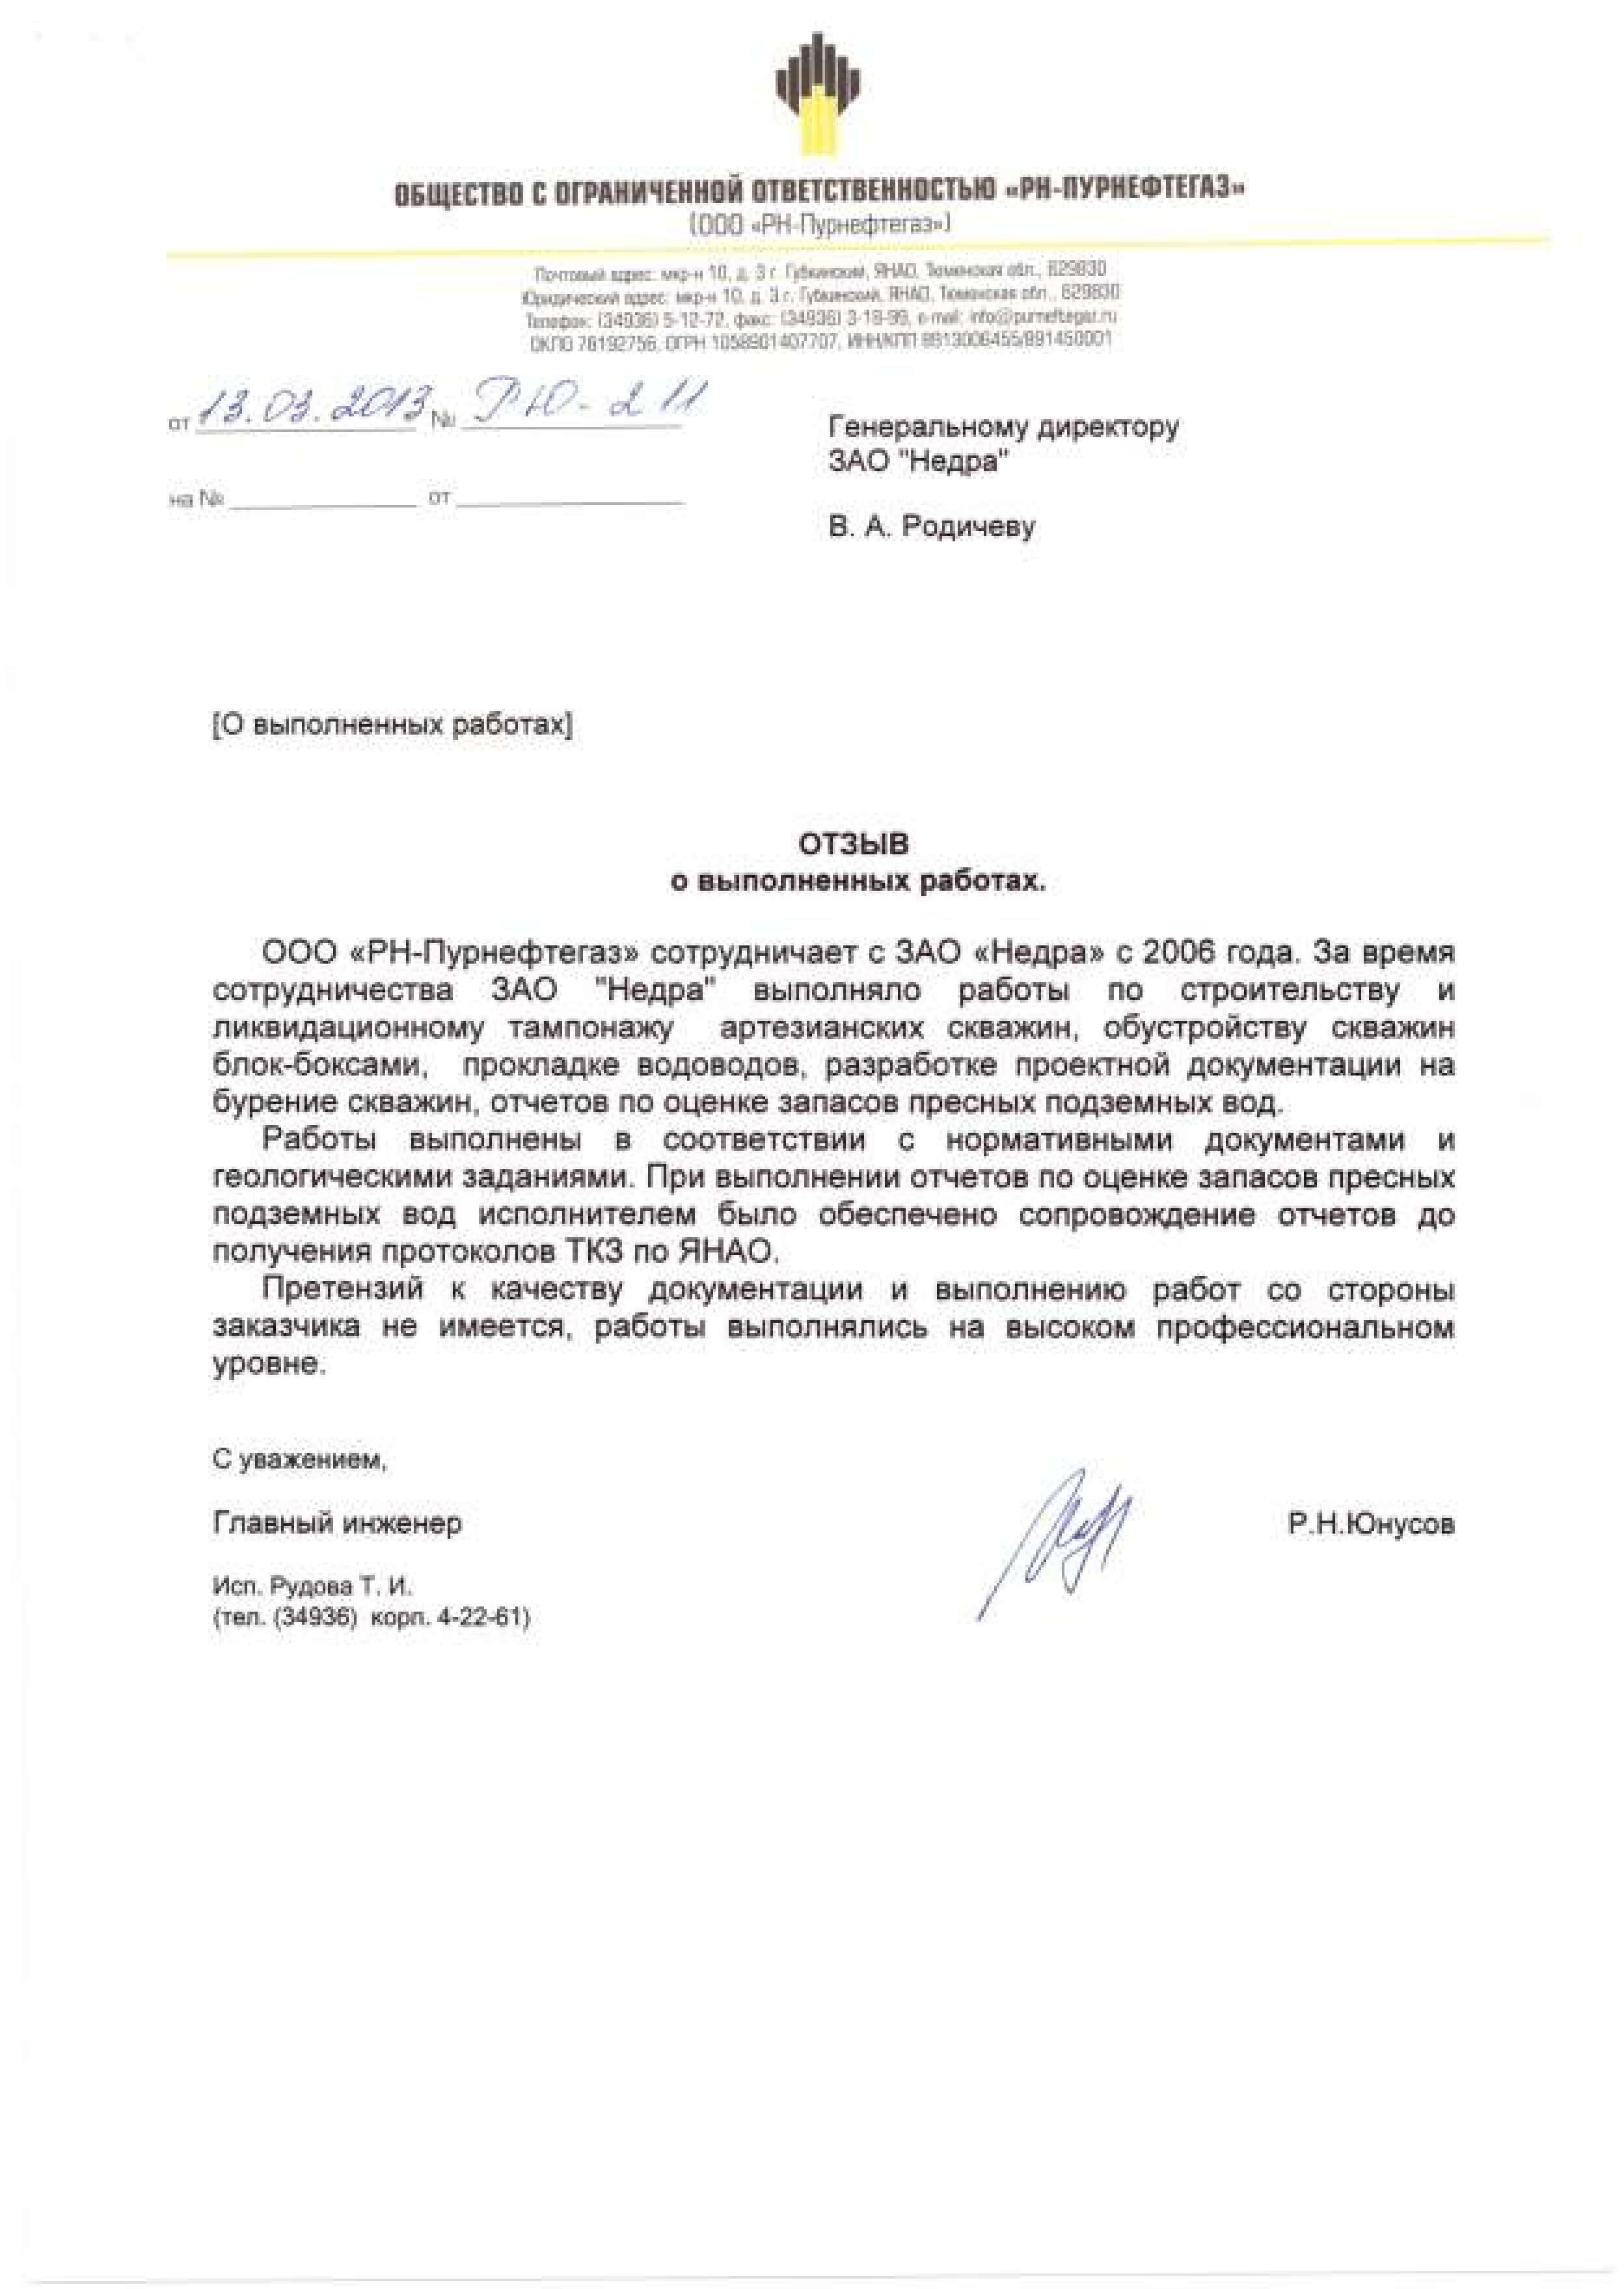 Отзыв от ООО РН-Пурнефтегаз